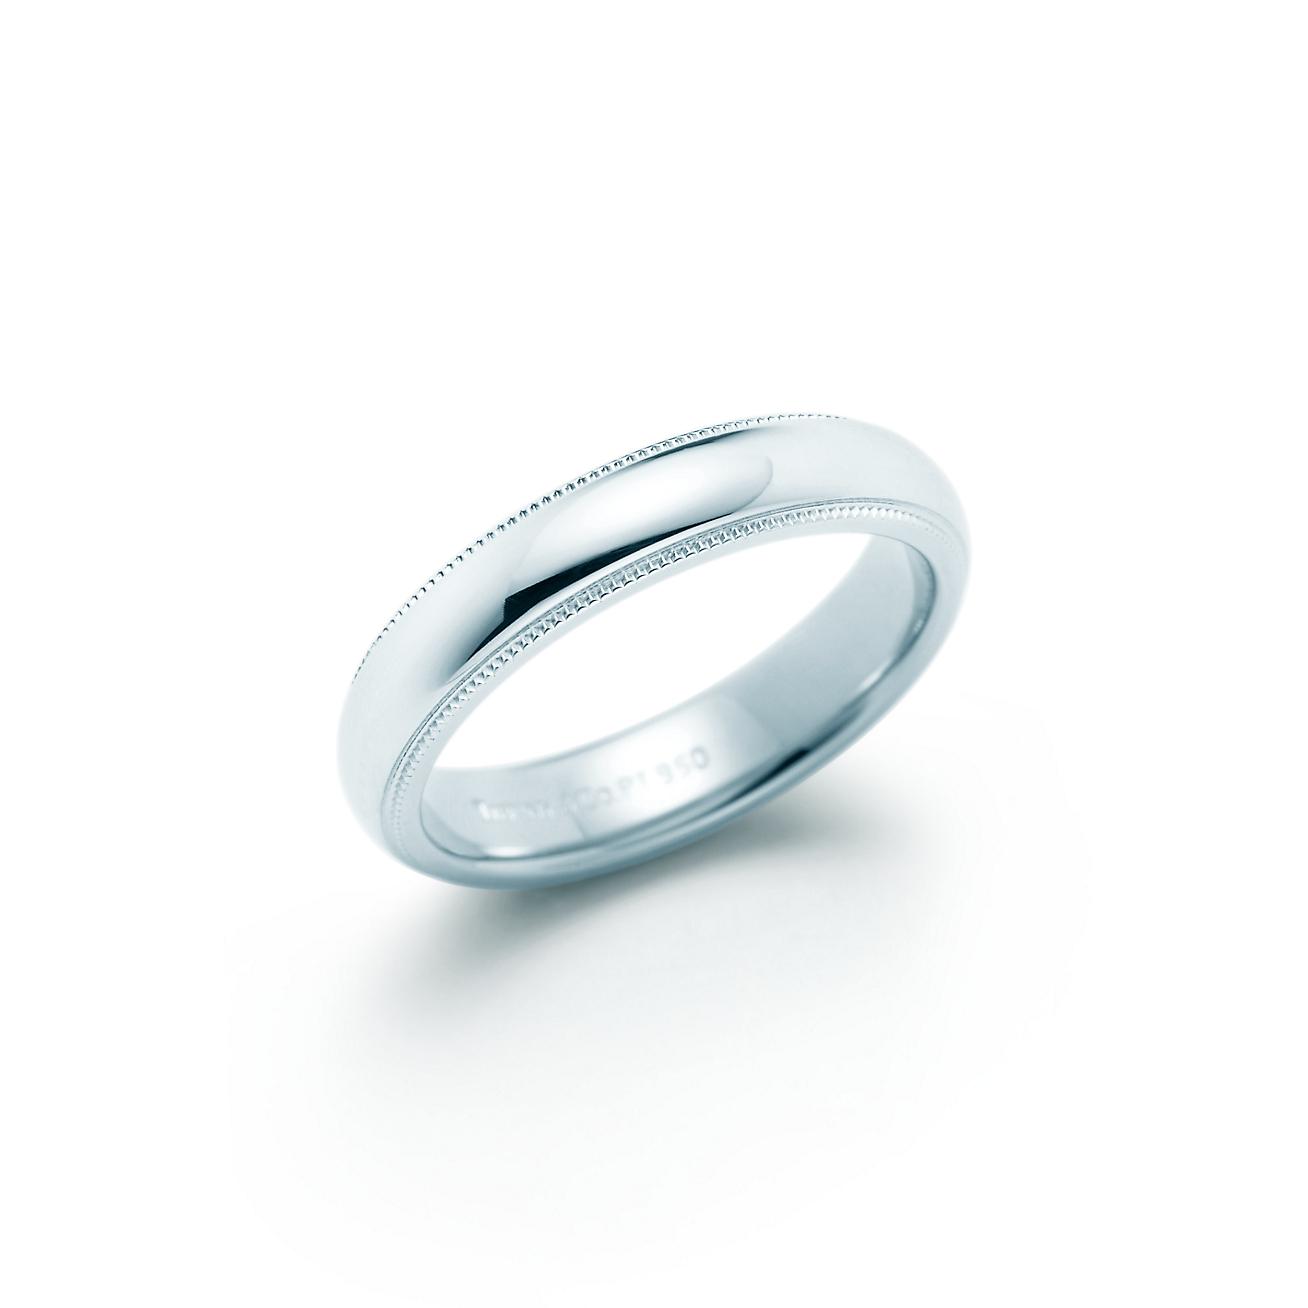 96 Platinum Milgrain Wedding Band